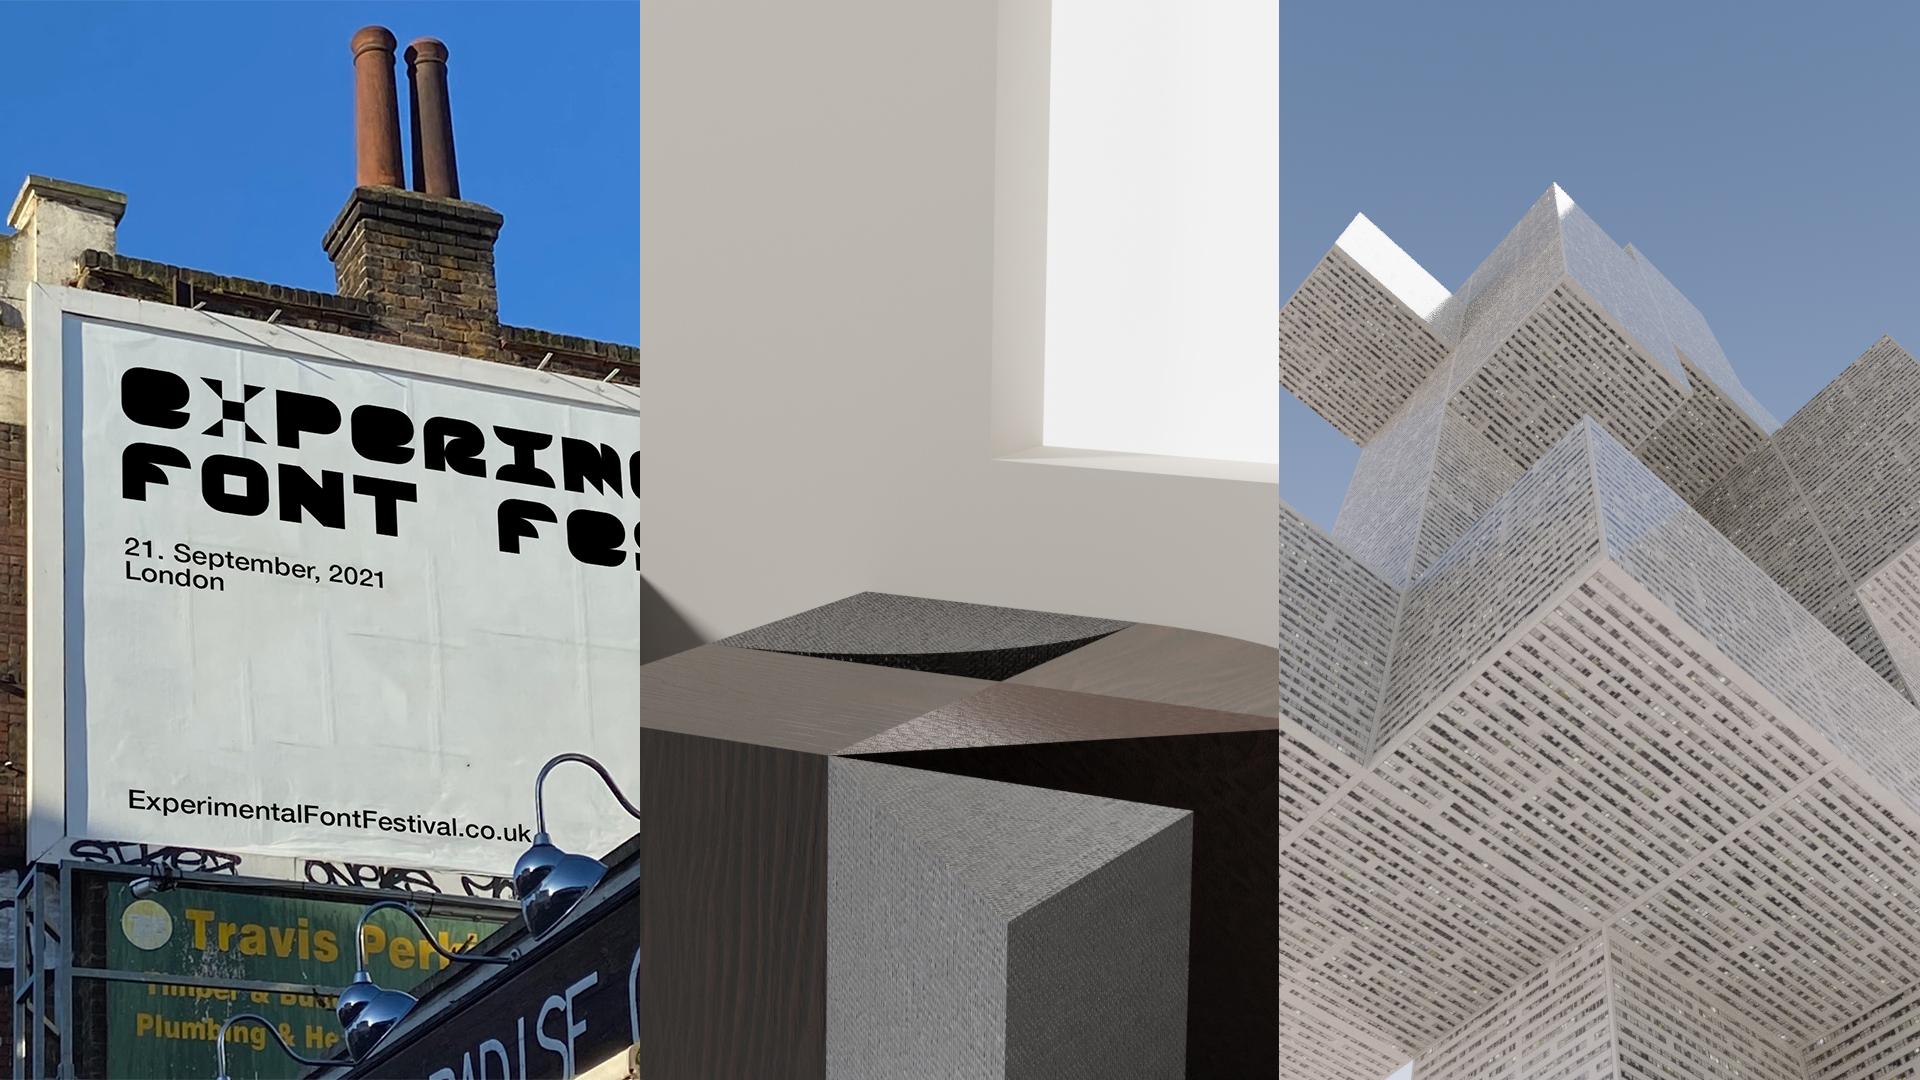 Westerdals institutt for kreativitet, fortelling og design - Generative programmer i en designfaglig kontekst